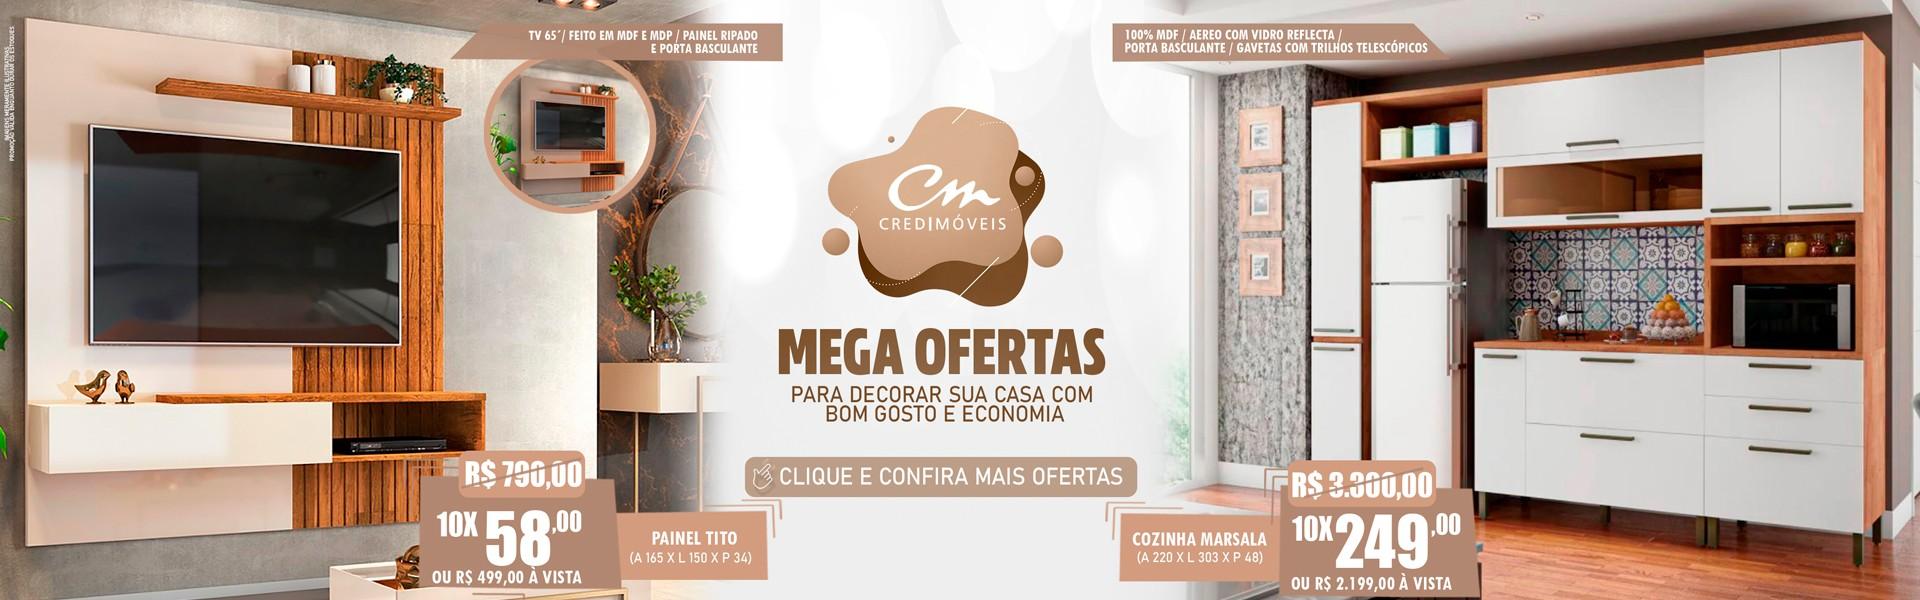 MEGA OFERTA É SINÔNIMO DE MEGA OPORTUNIDADE DE DECORAR!